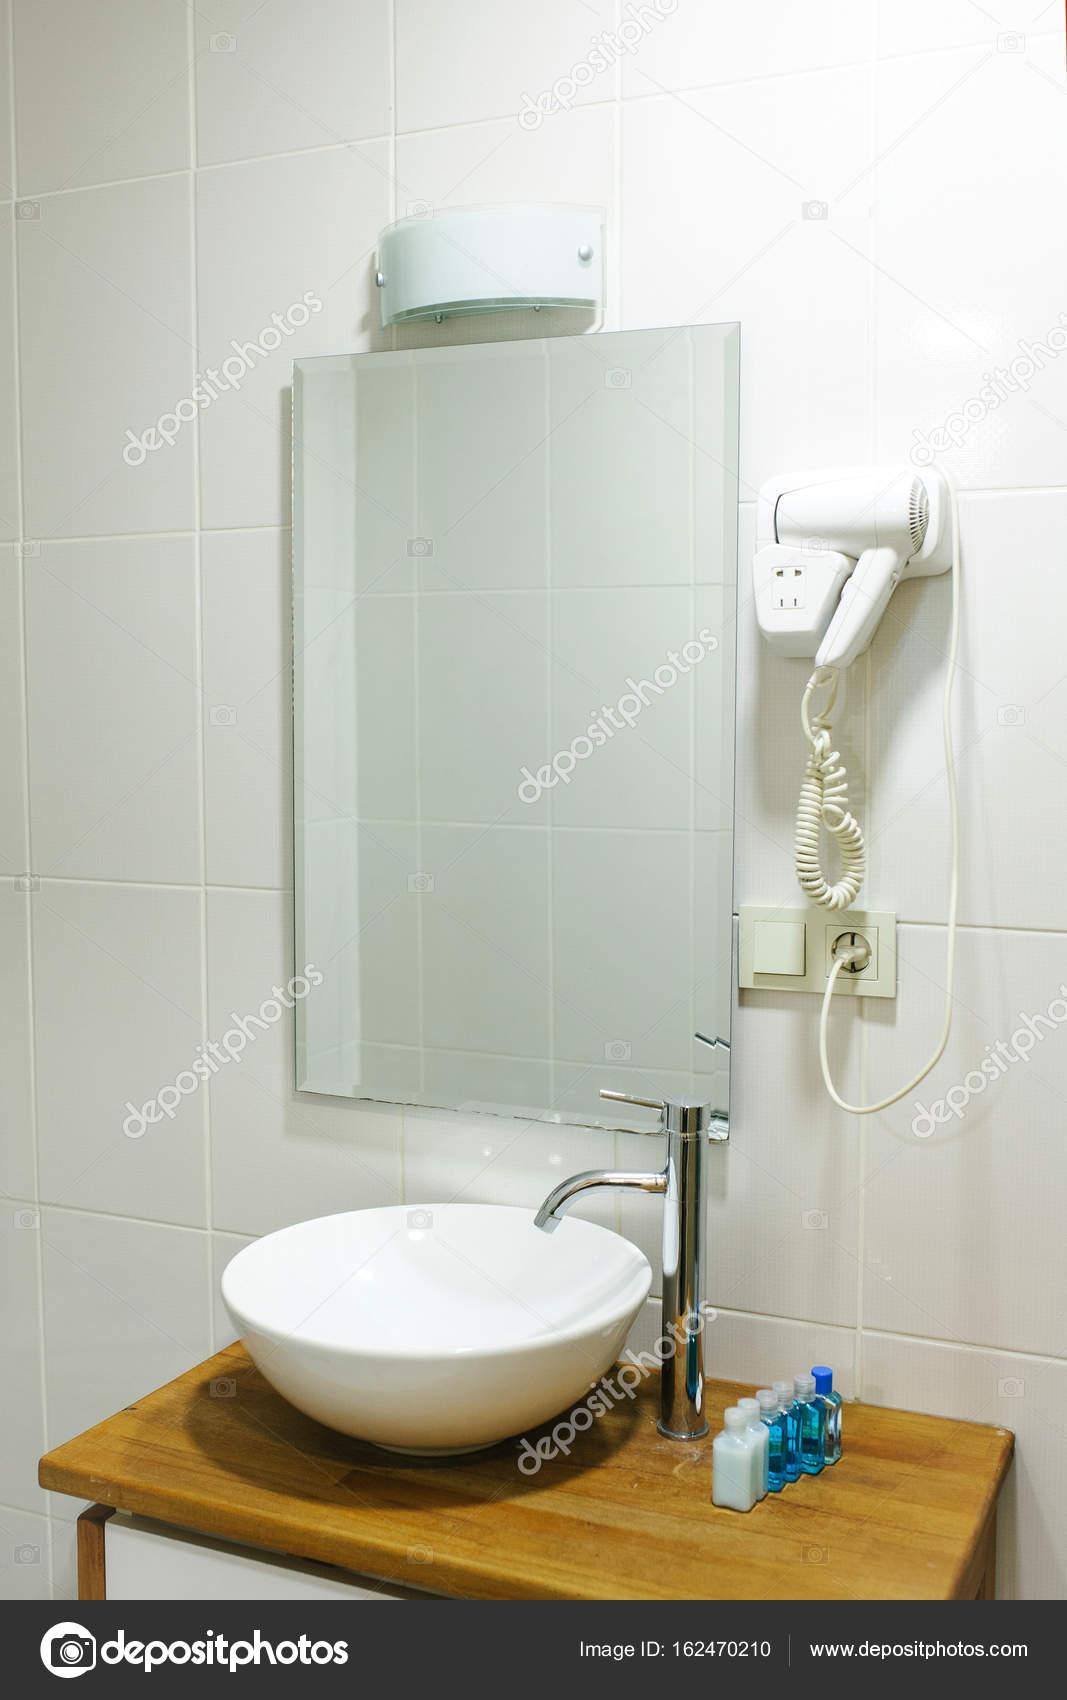 Bagno in hotel con tutti gli accessori da bagno necessari per il ...